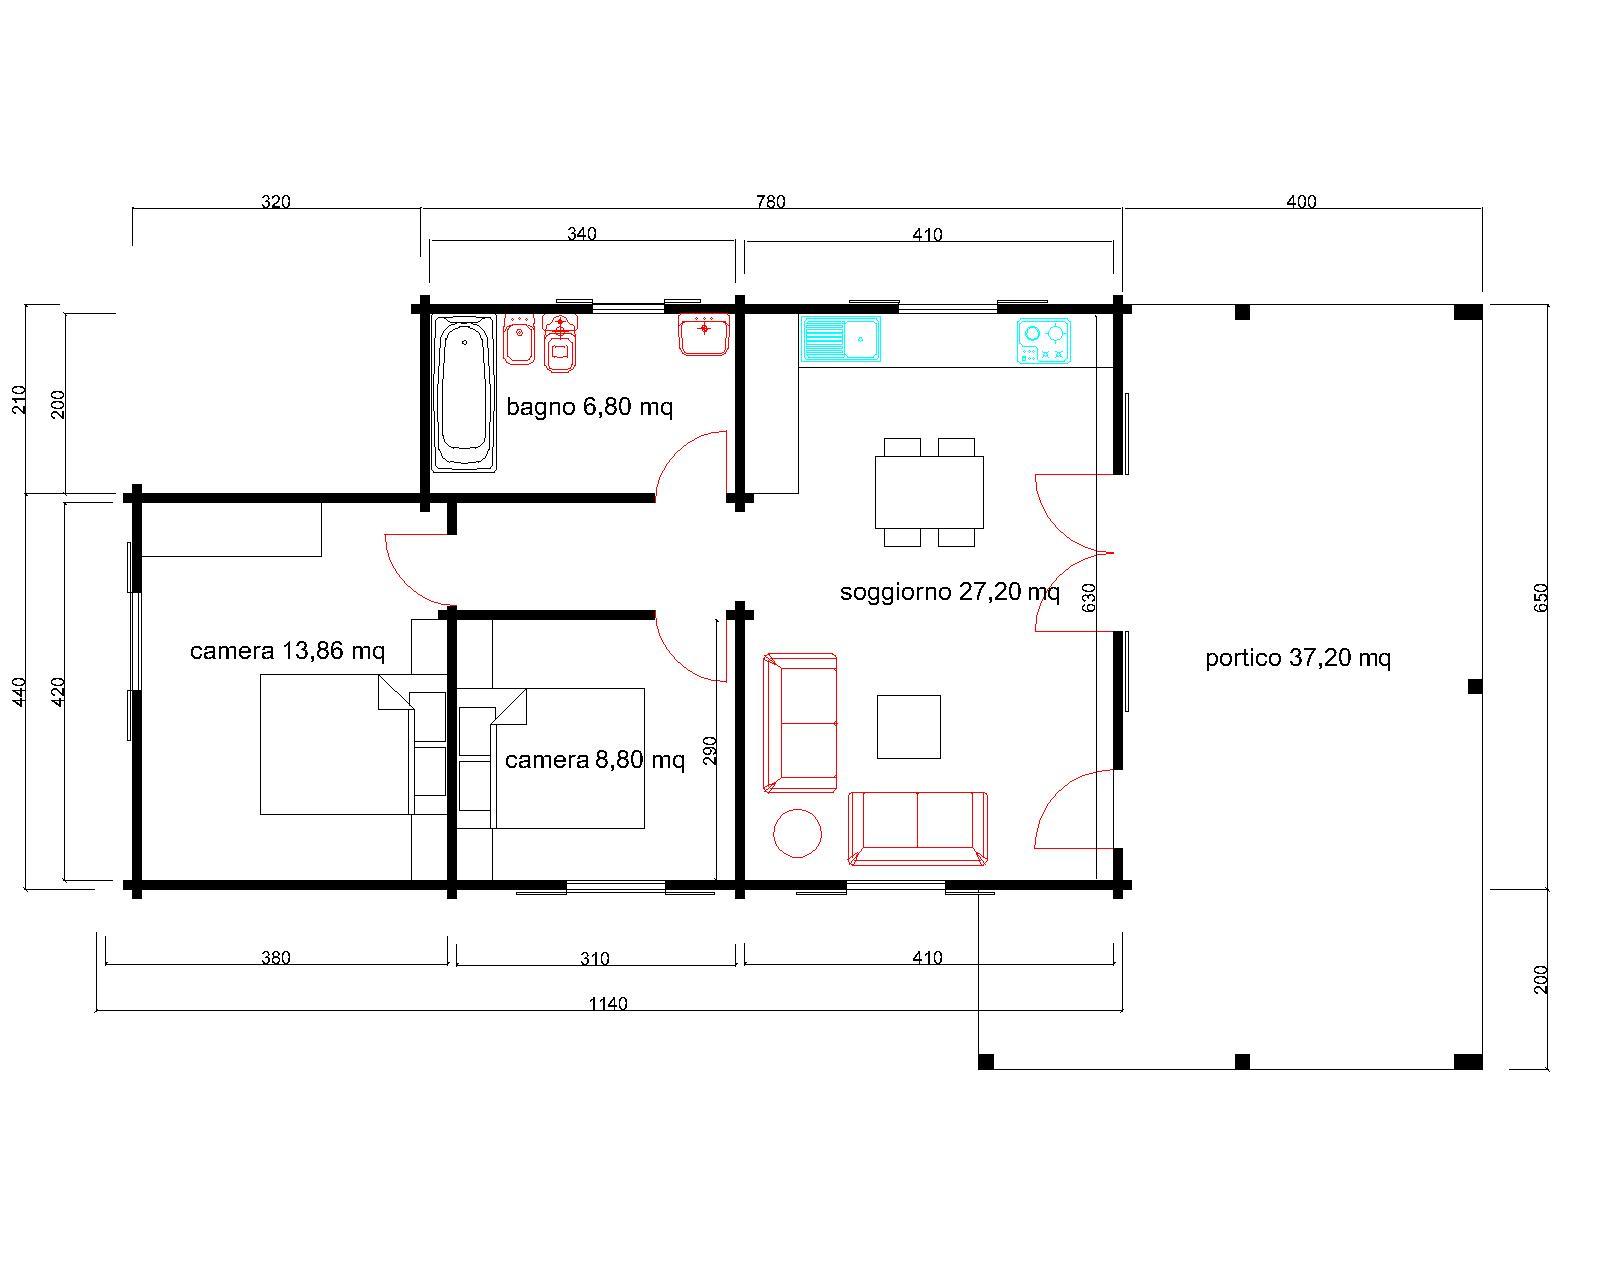 progetti di case in legno casa 65 mq portico 37 mq